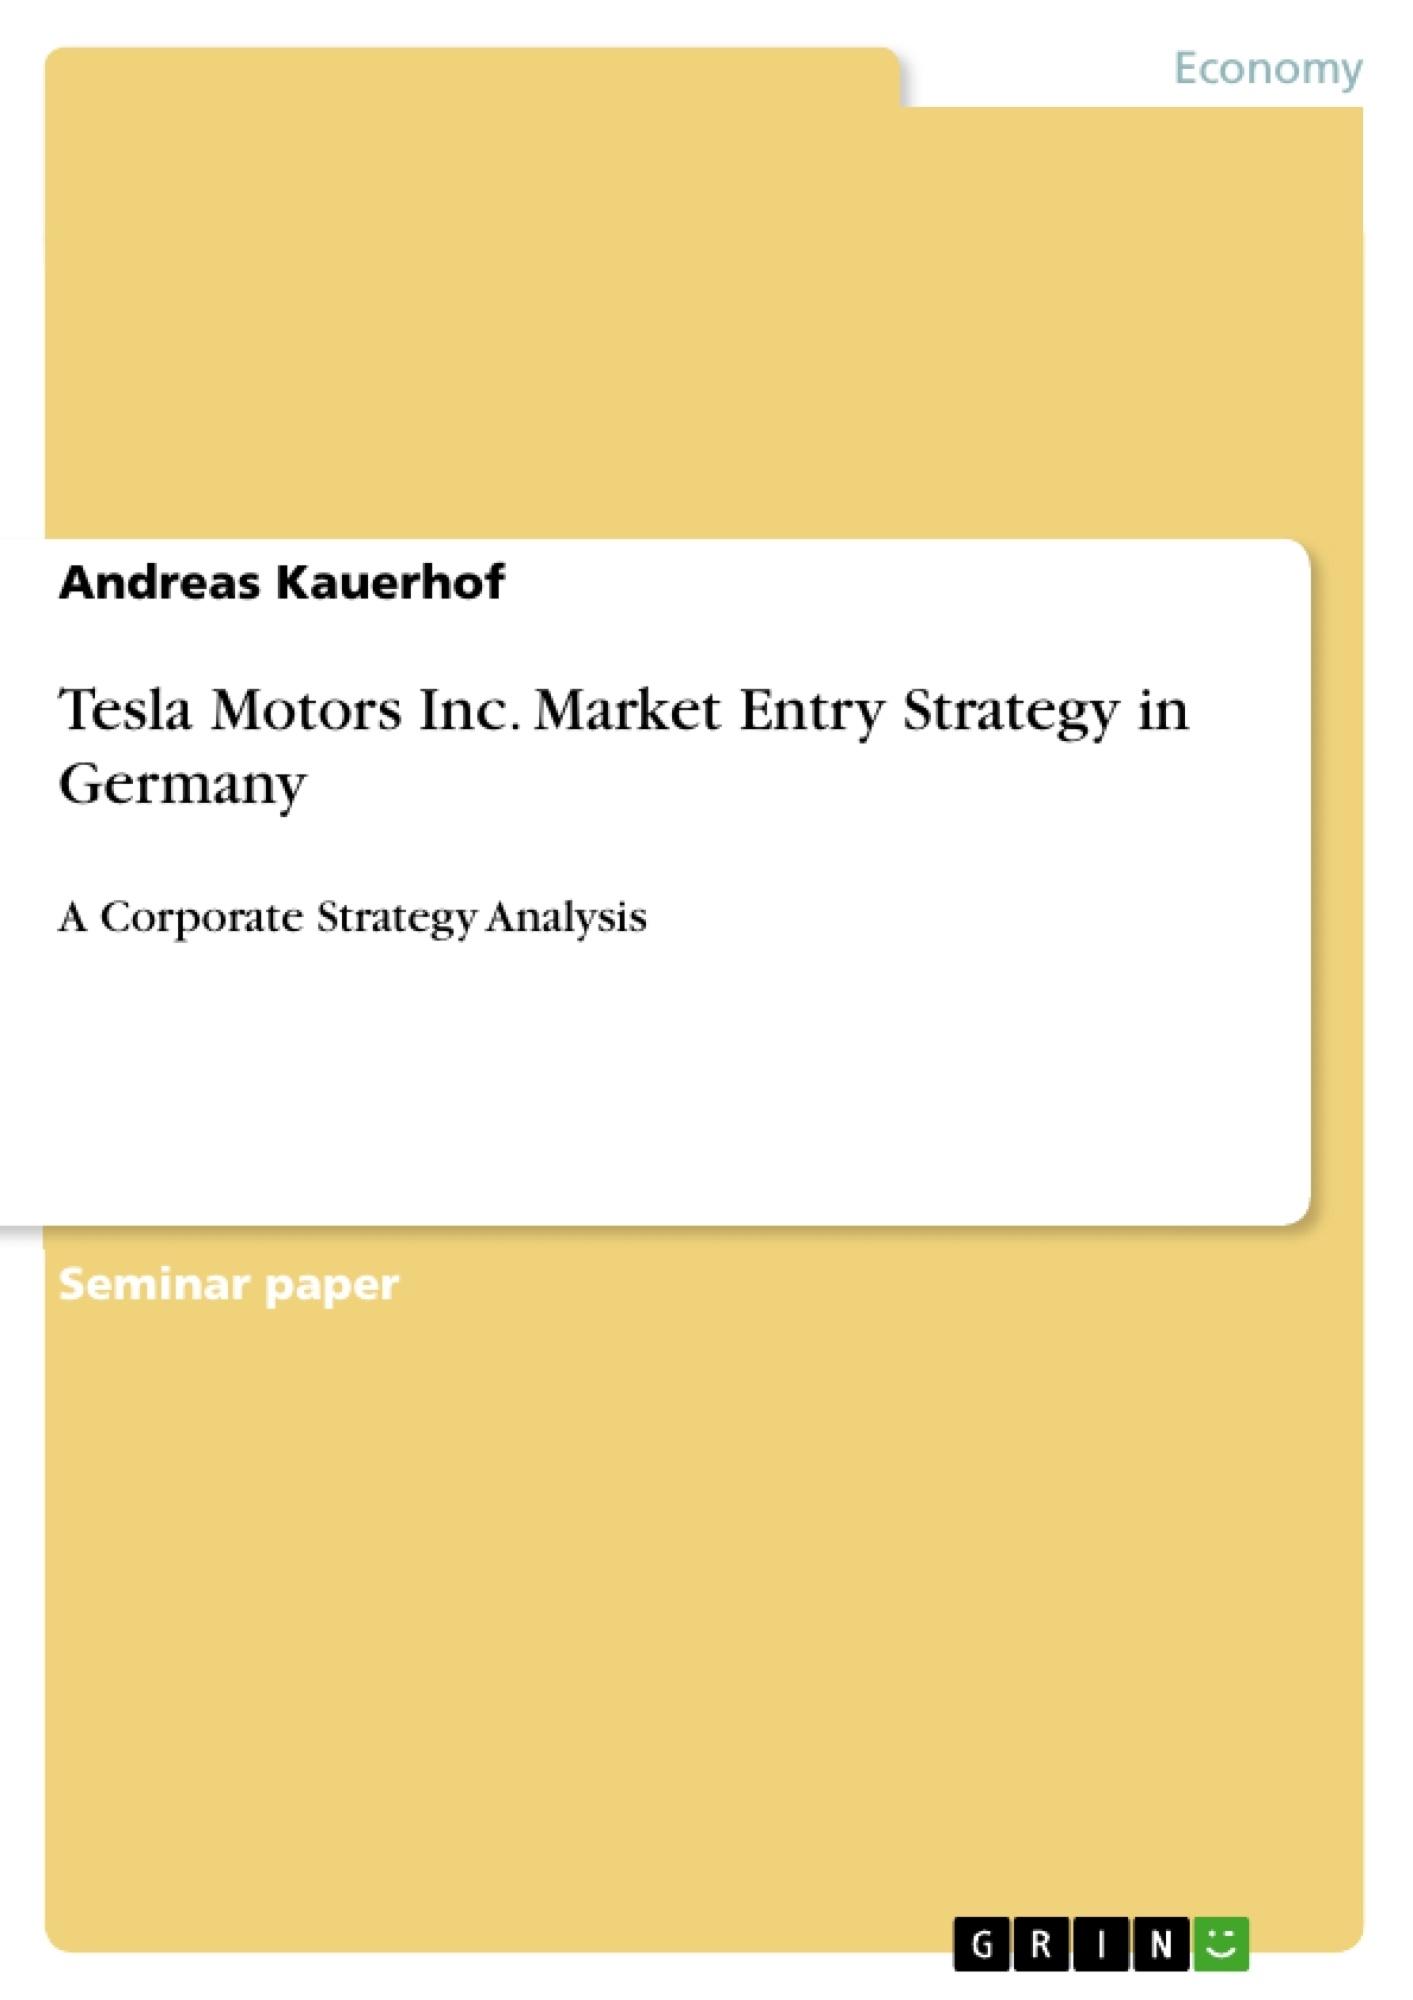 Title: Tesla Motors Inc. Market Entry Strategy in Germany